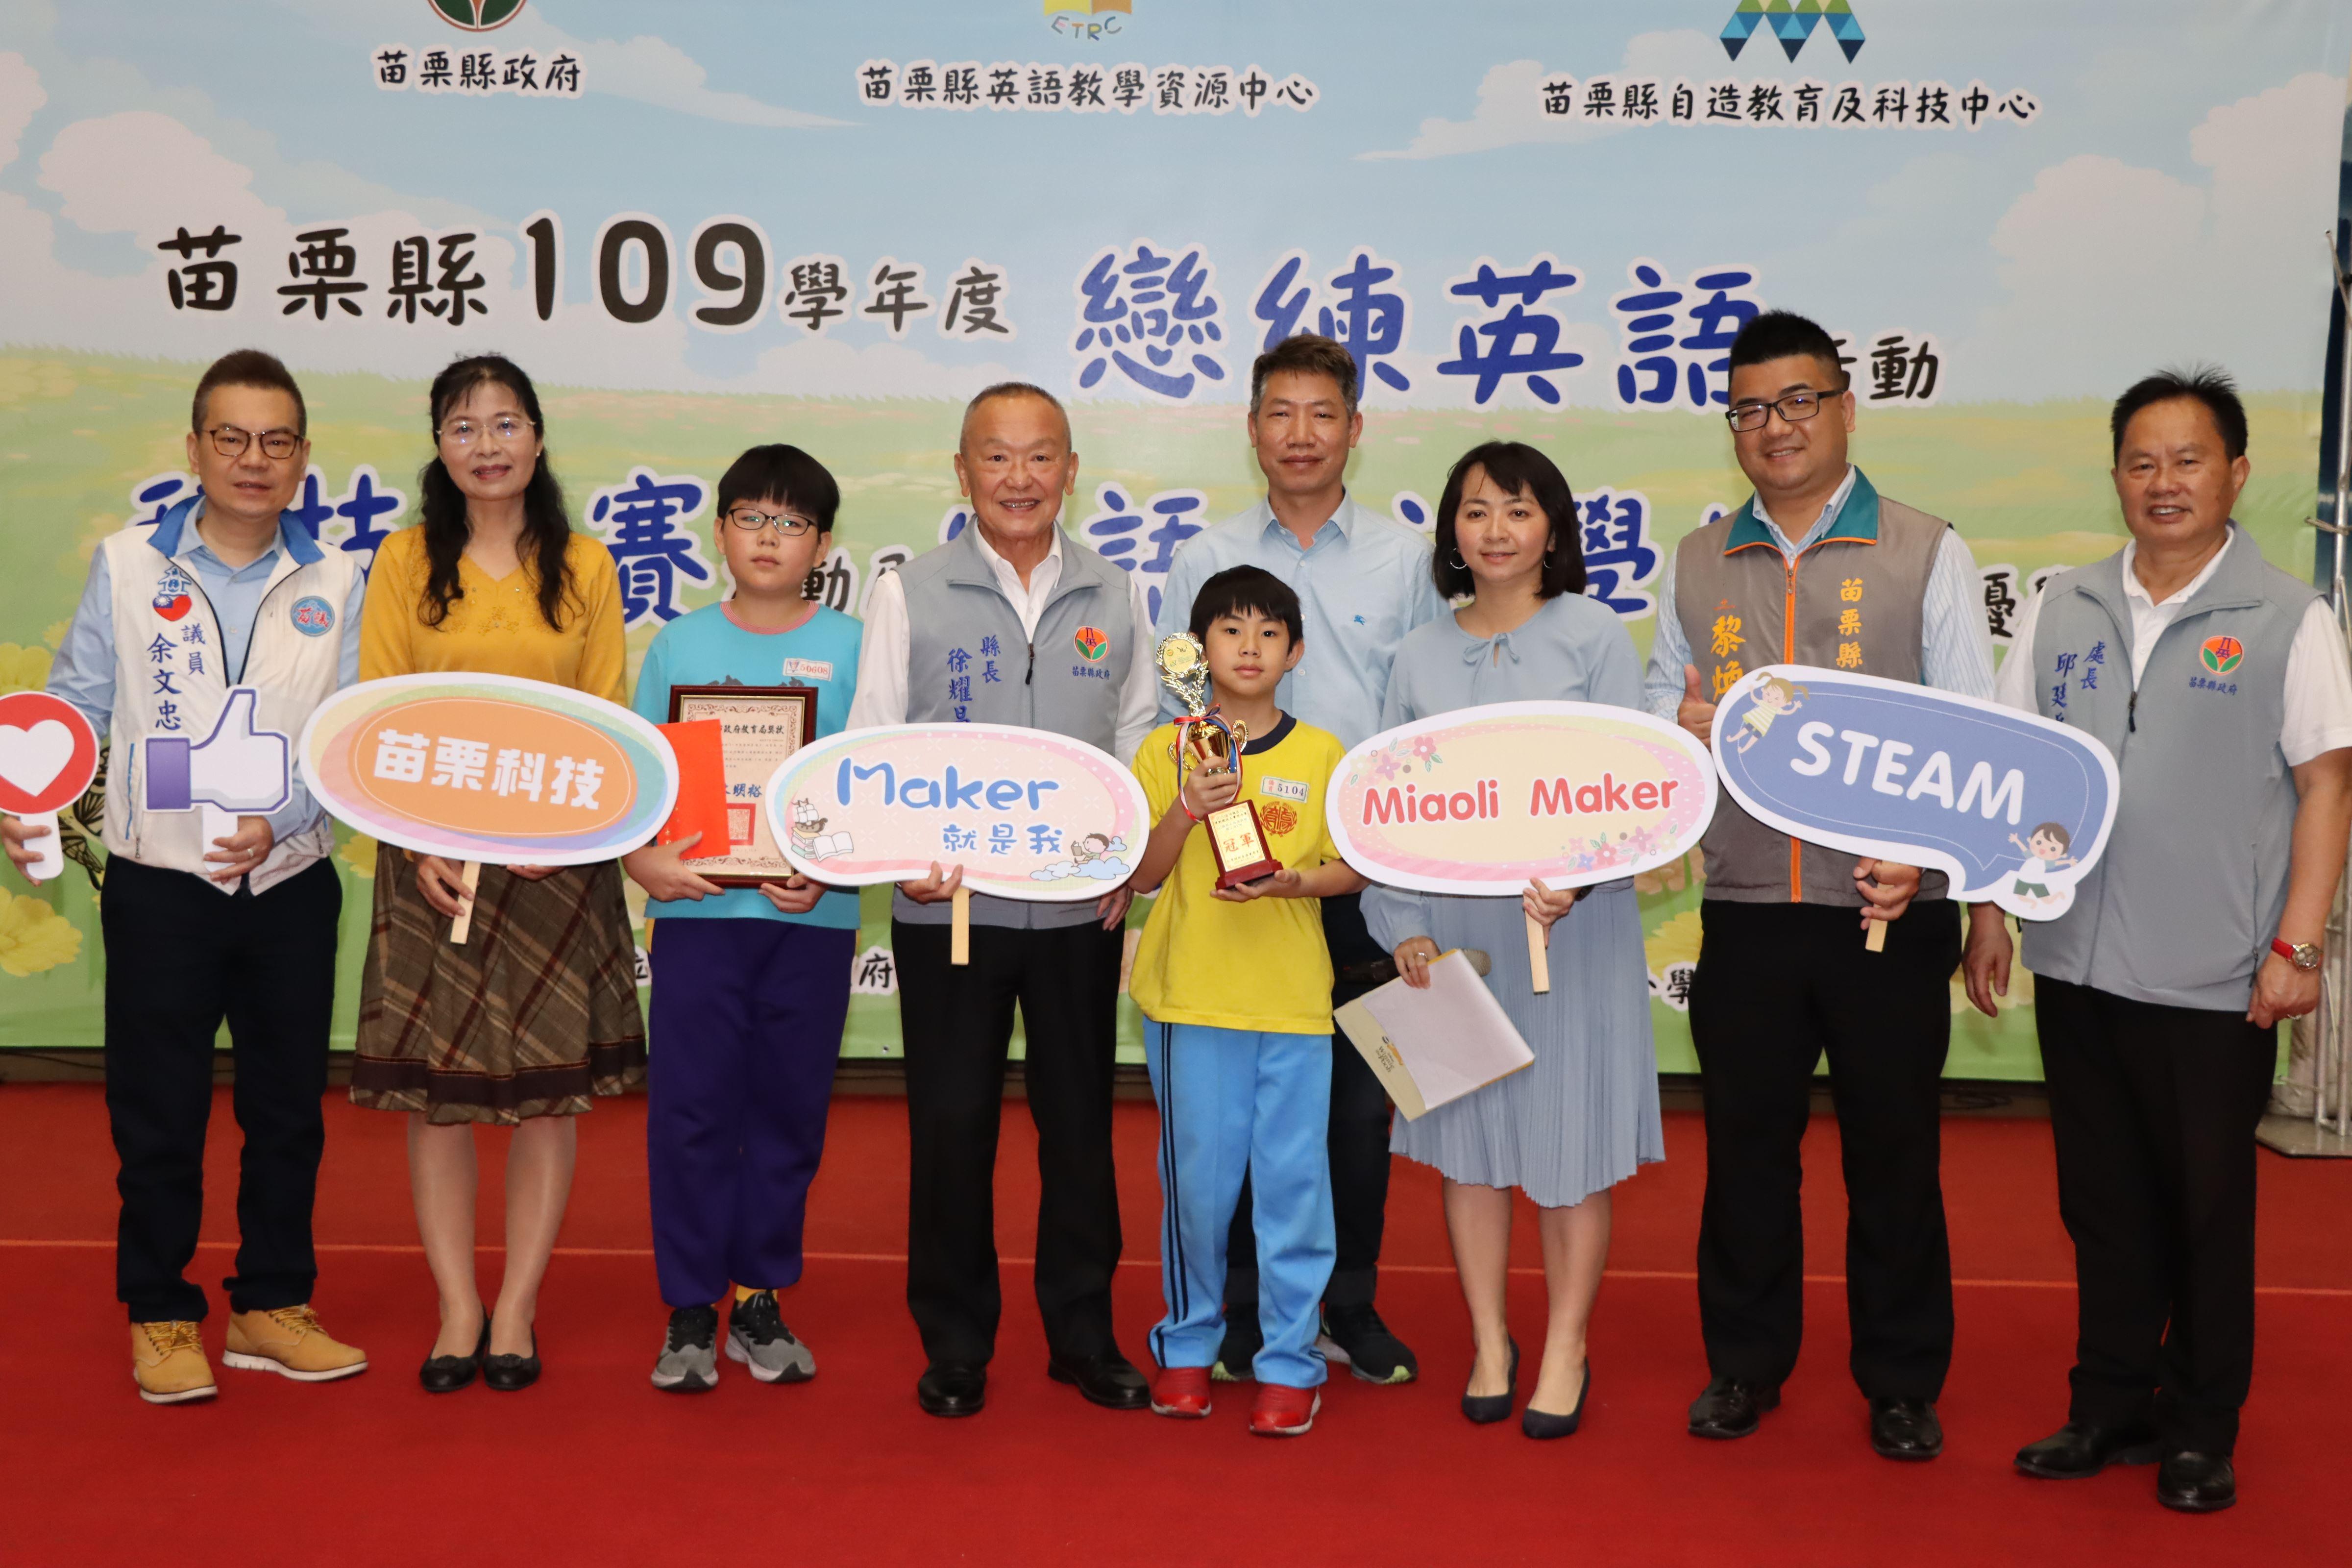 11縣府-表揚全國機器人極速挑戰國小組獲獎學生IMG_7029.JPG